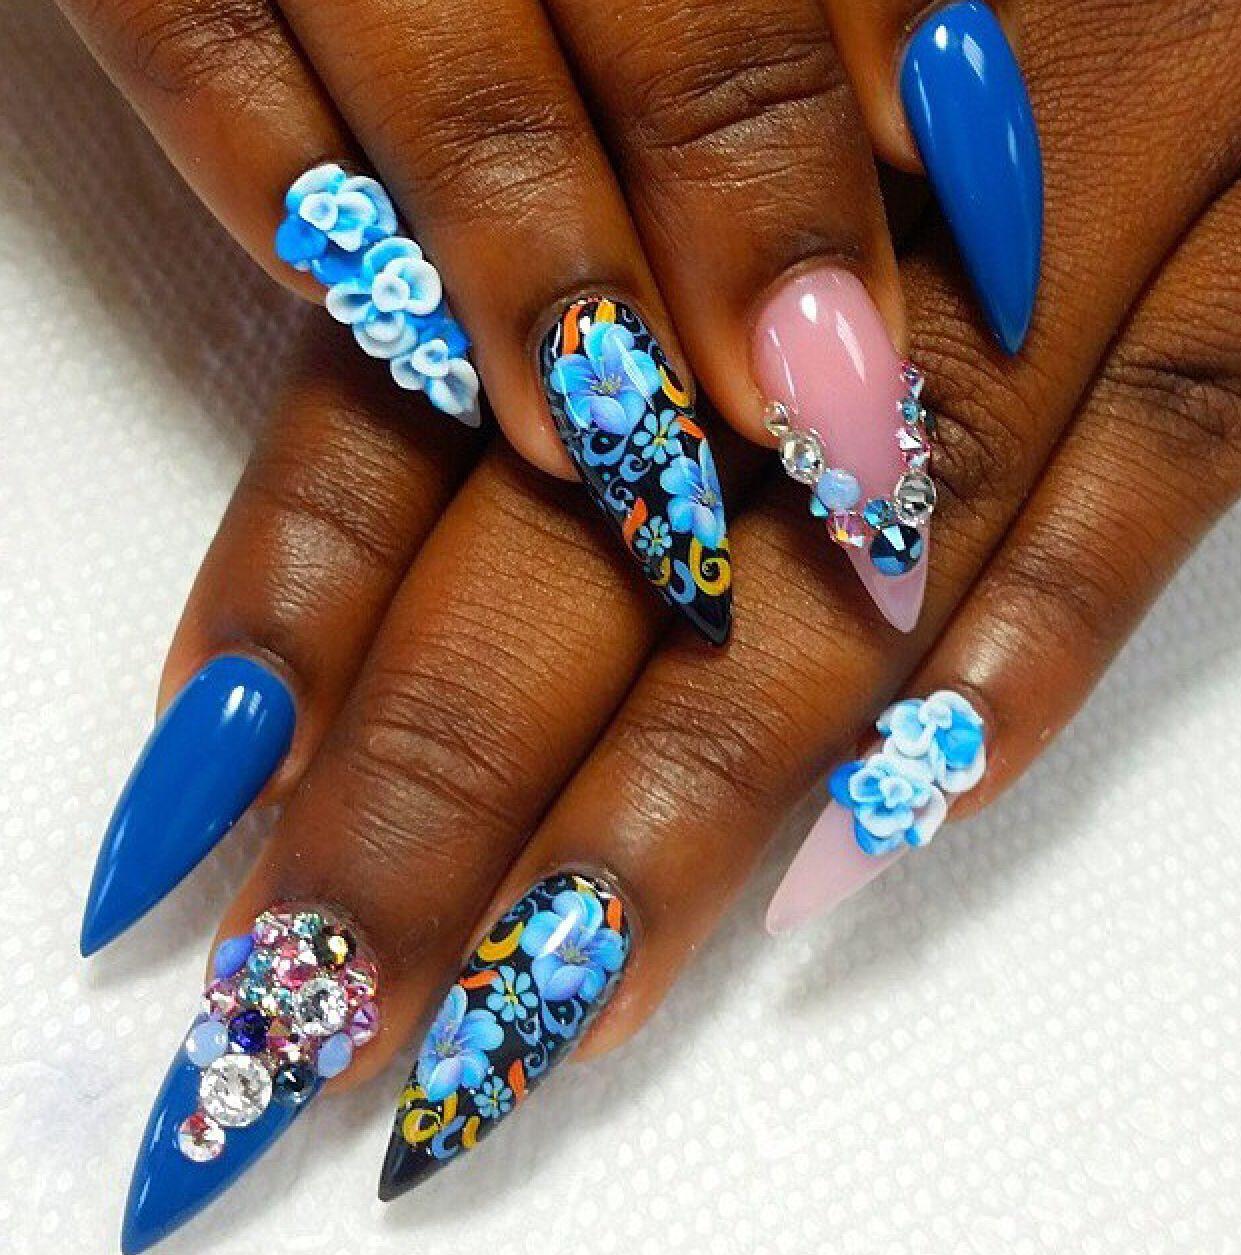 Black and White Stiletto Nails   Stiletto shaped nails